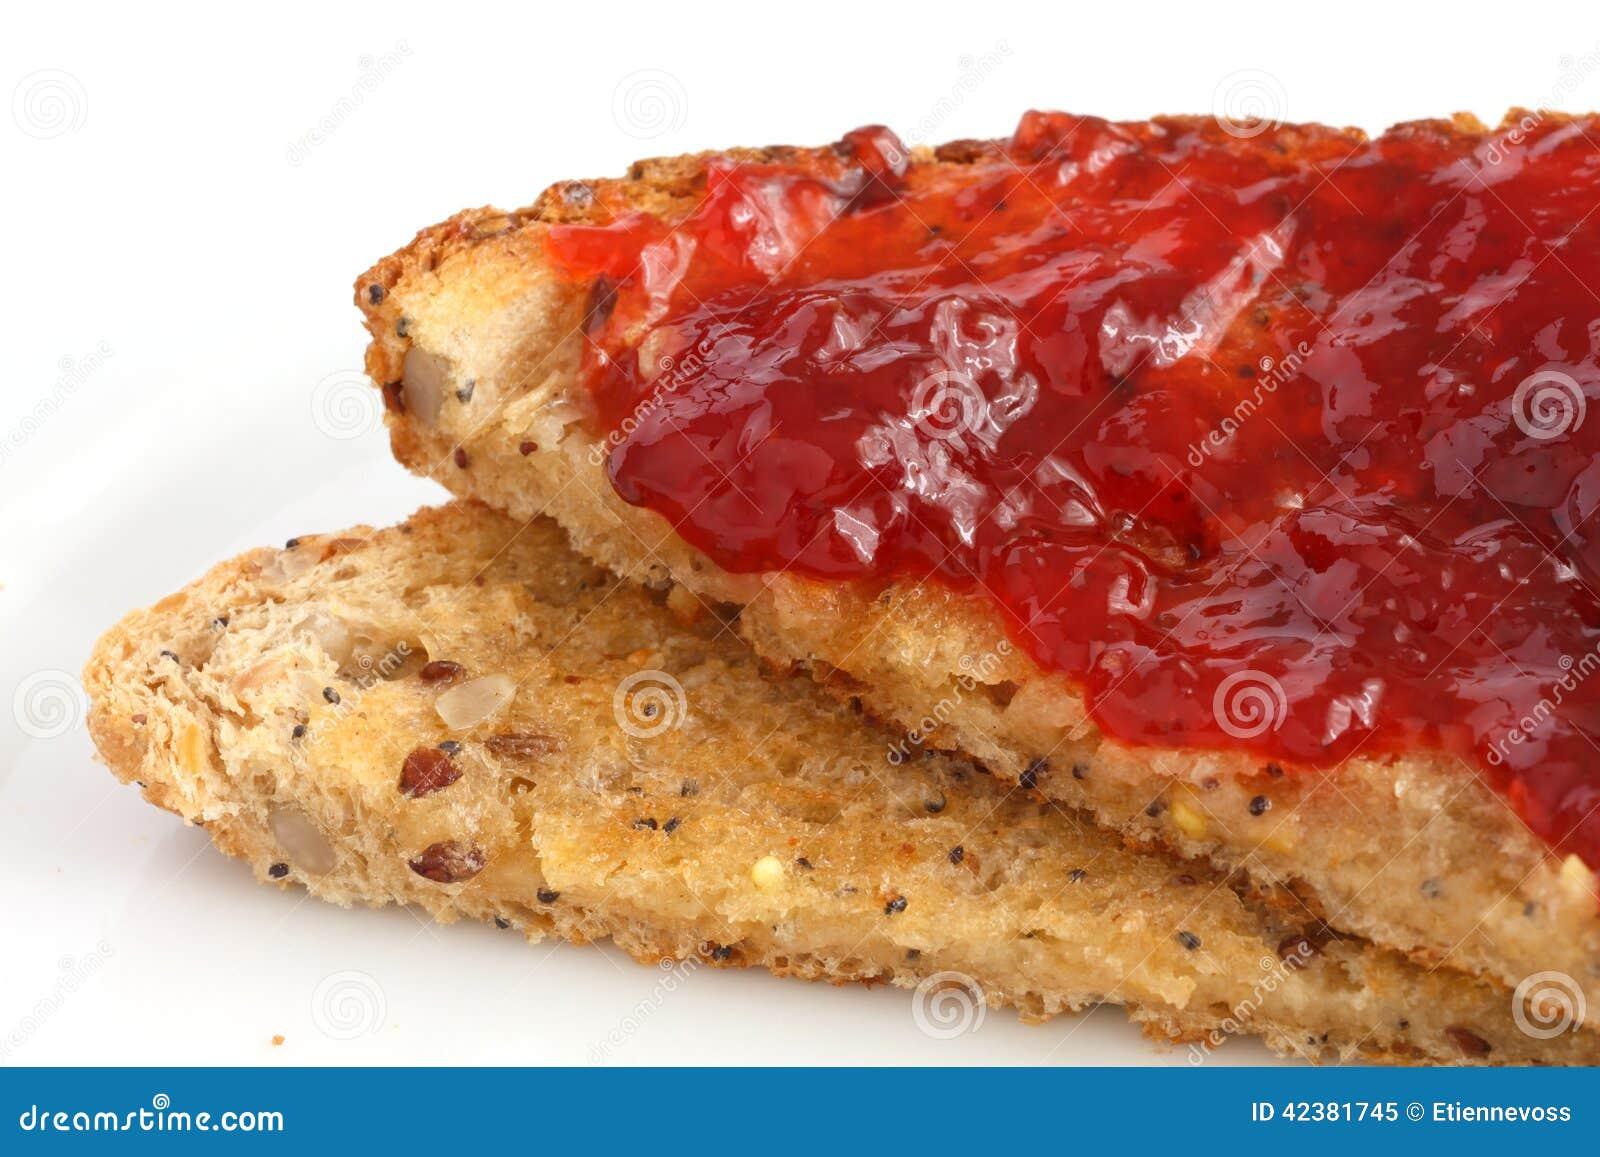 Plak van multi-zaad wholegrain brood en beboterd met jam wordt geroosterd die